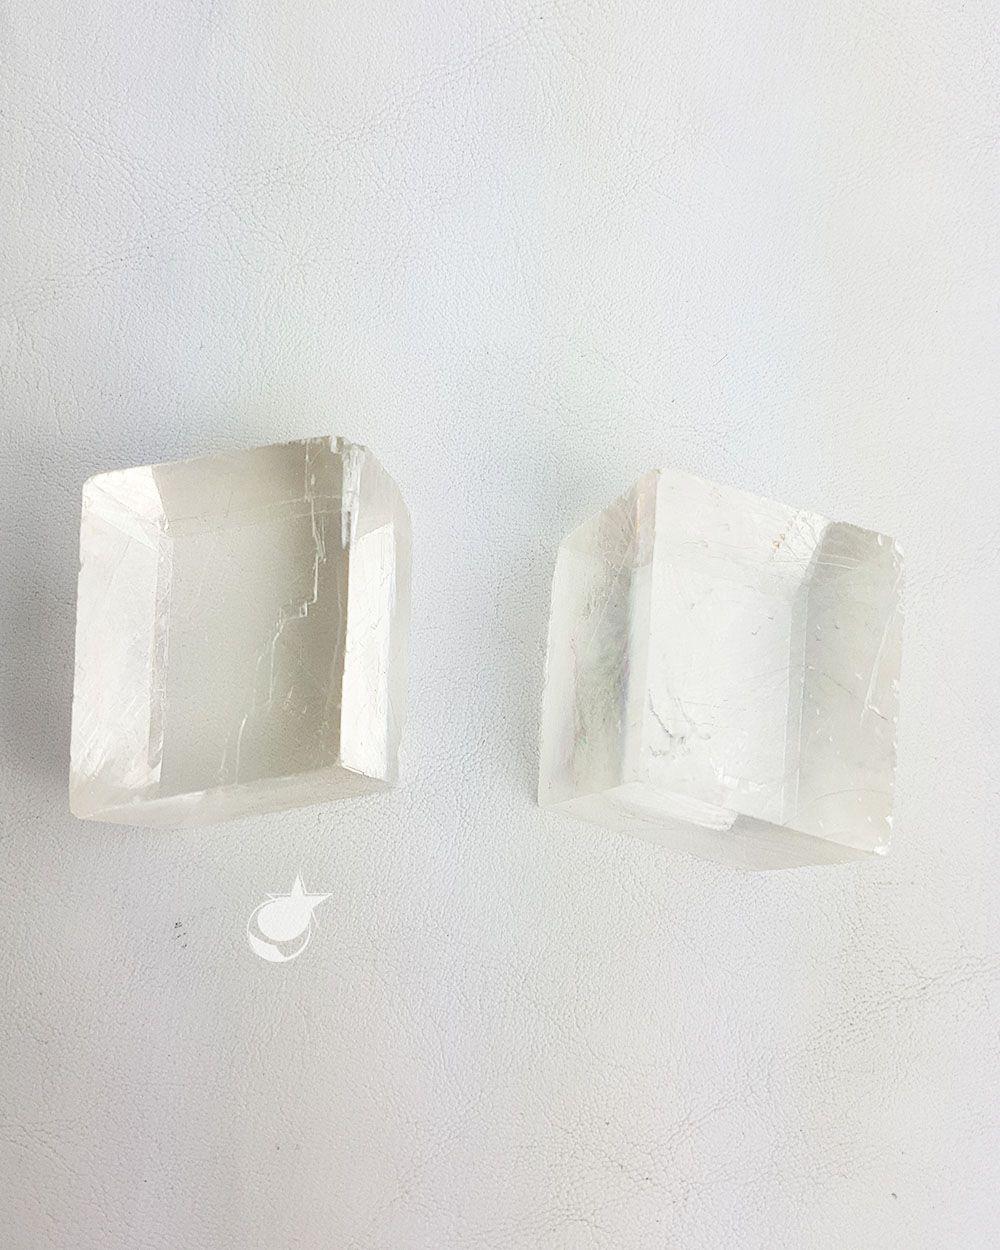 CALCITA ÓTICA BRANCA BRUTA - UNIDADE - 3,6 a 4 cm